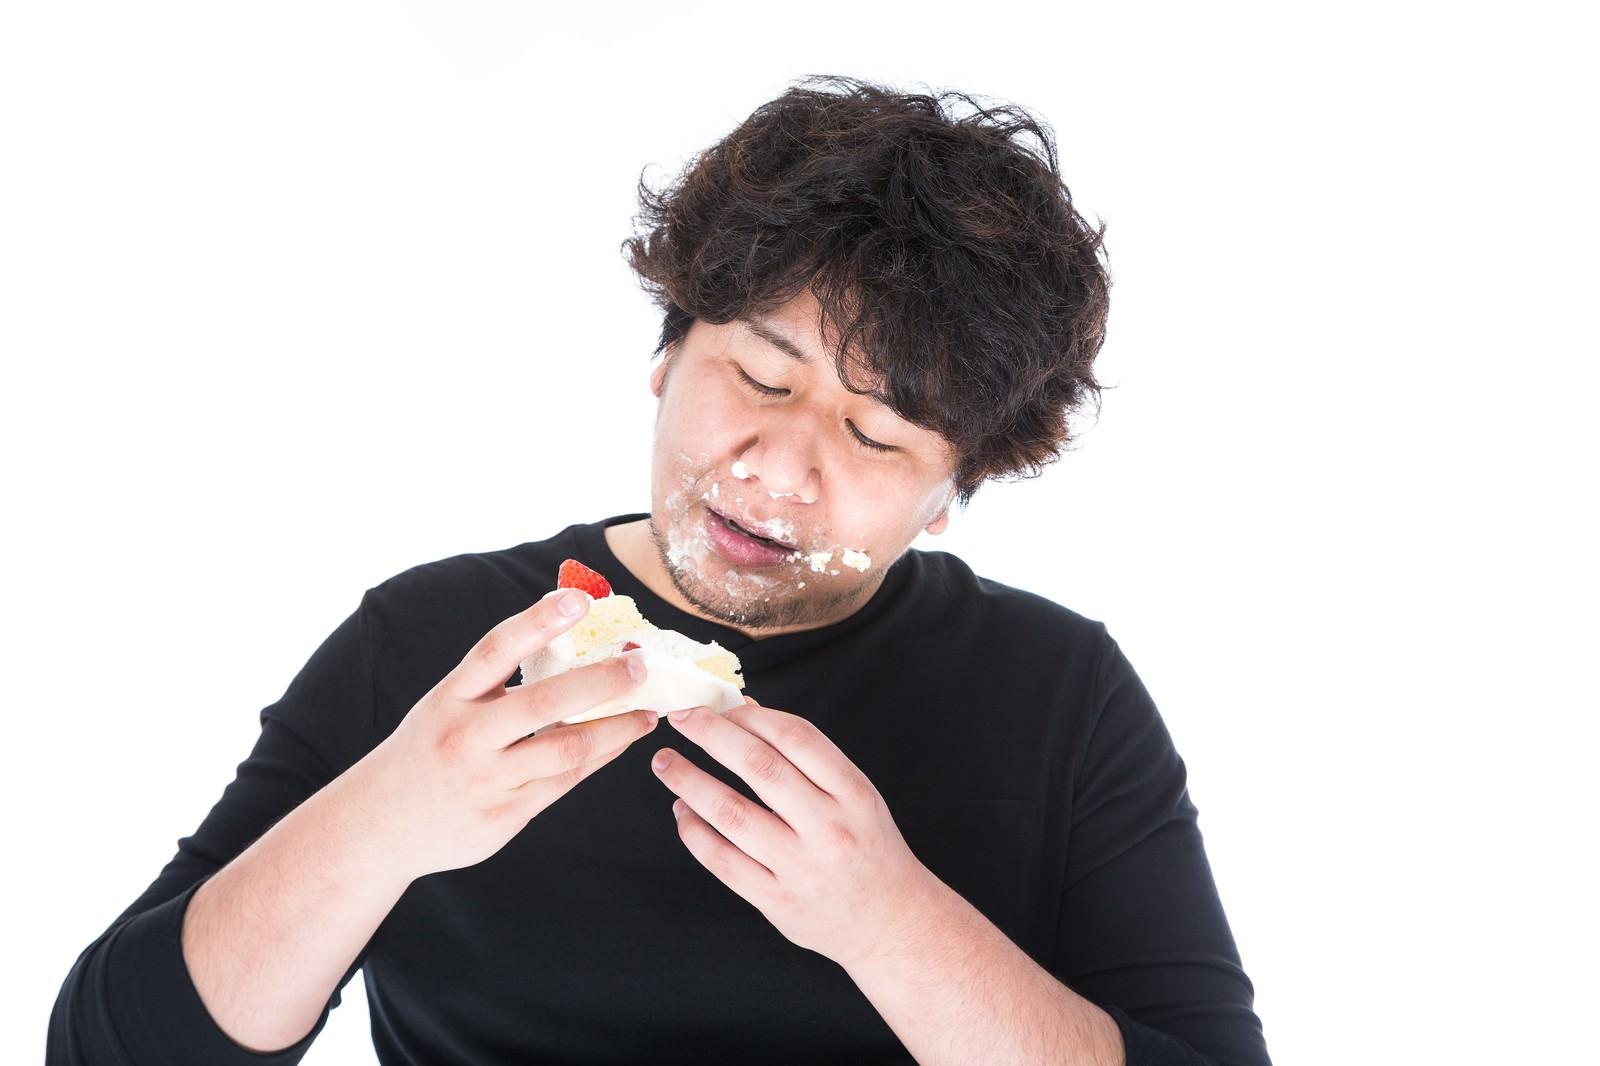 「ケーキの美味しさに目覚めた瞬間。それは彼が太る契機だった」の写真[モデル:あまのじゃく]